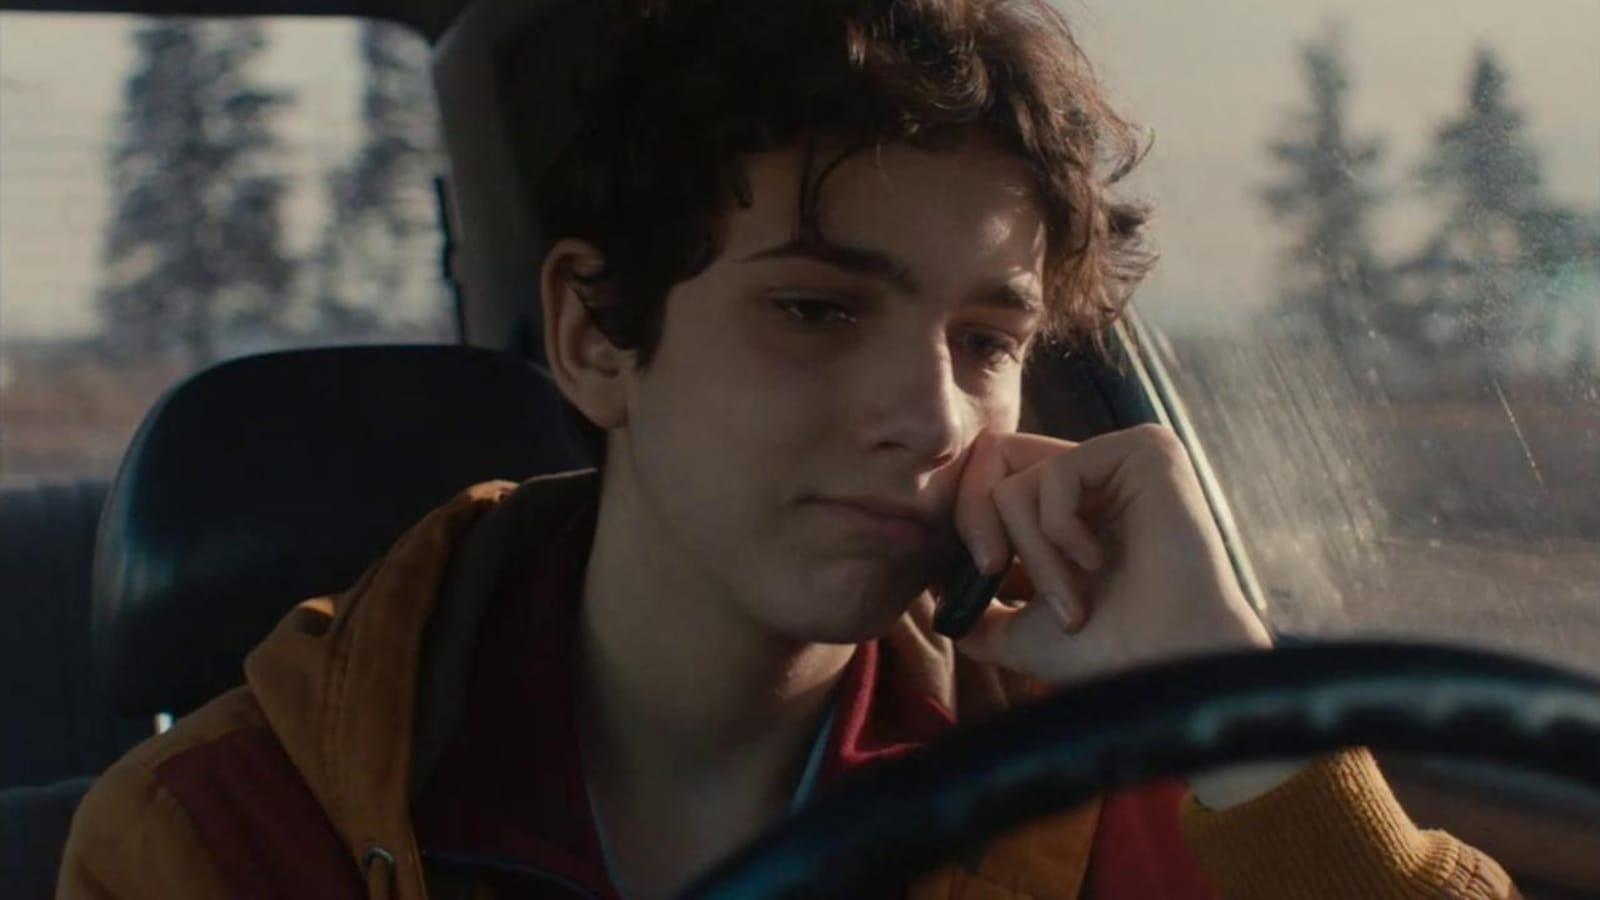 Un jeune homme (Justin Leyrolles-Bouchard) assis dans une voiture, au téléphone, les yeux humides.